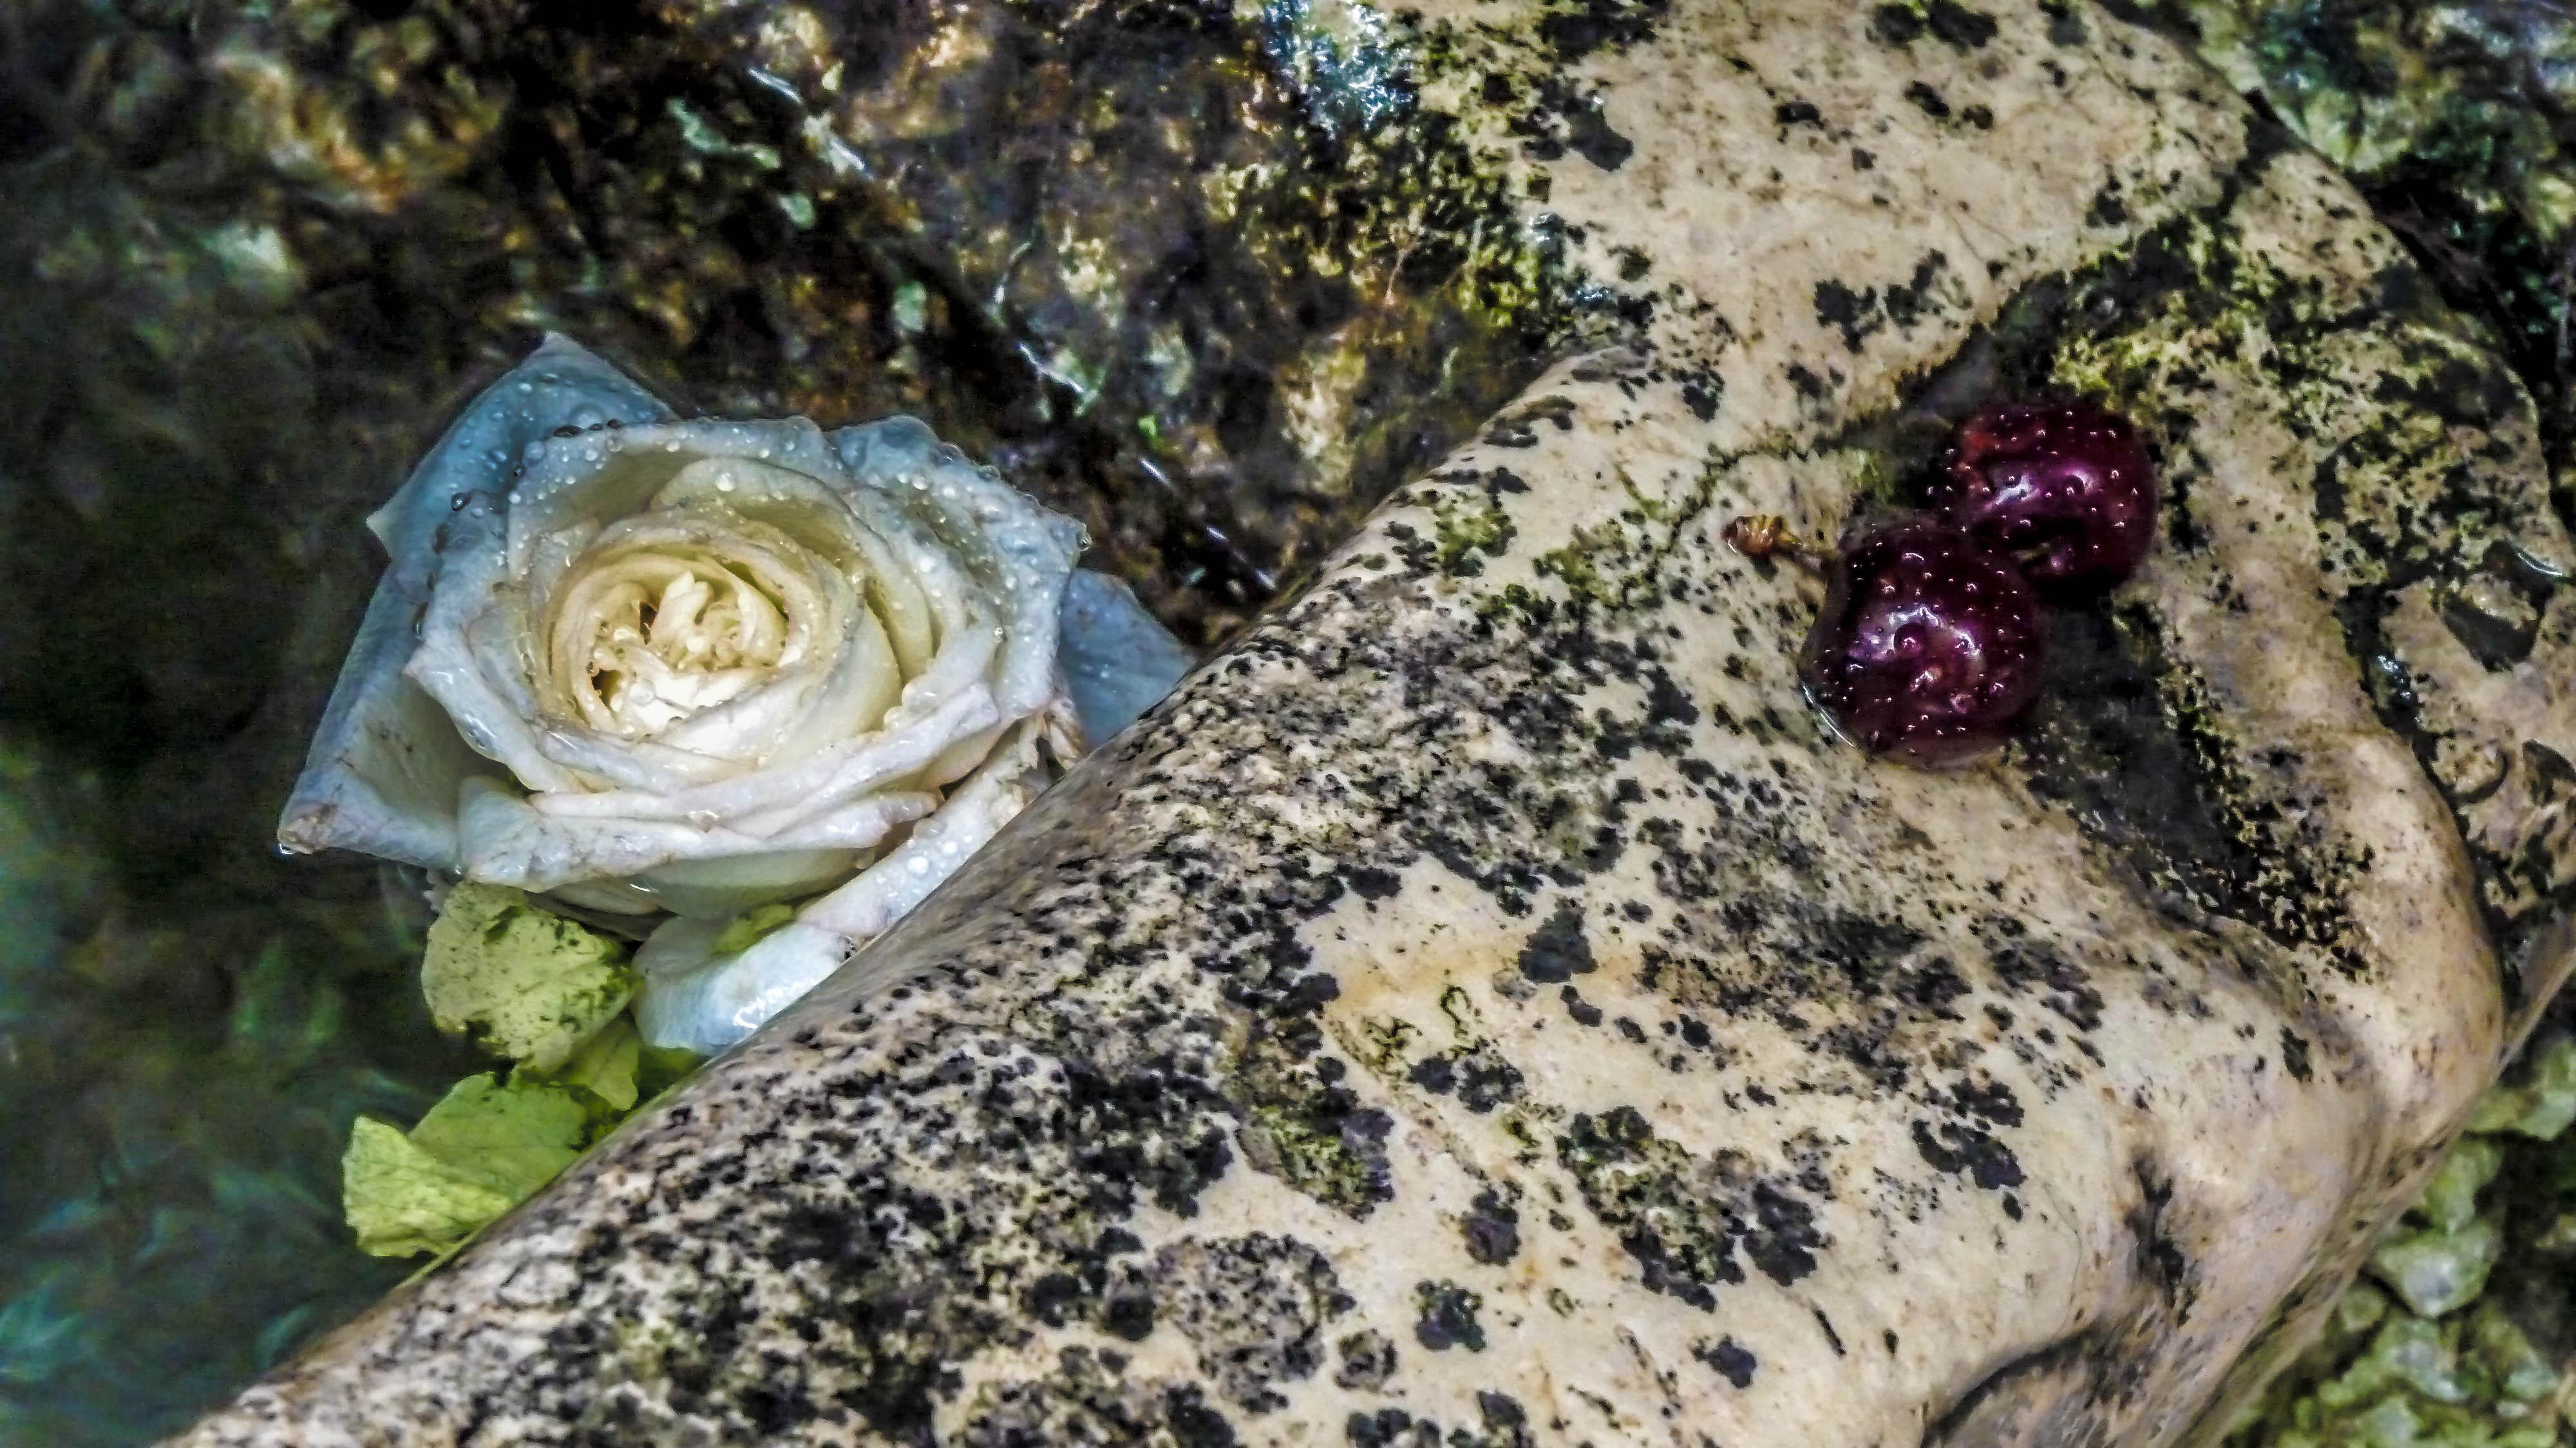 La rose et cerises, France